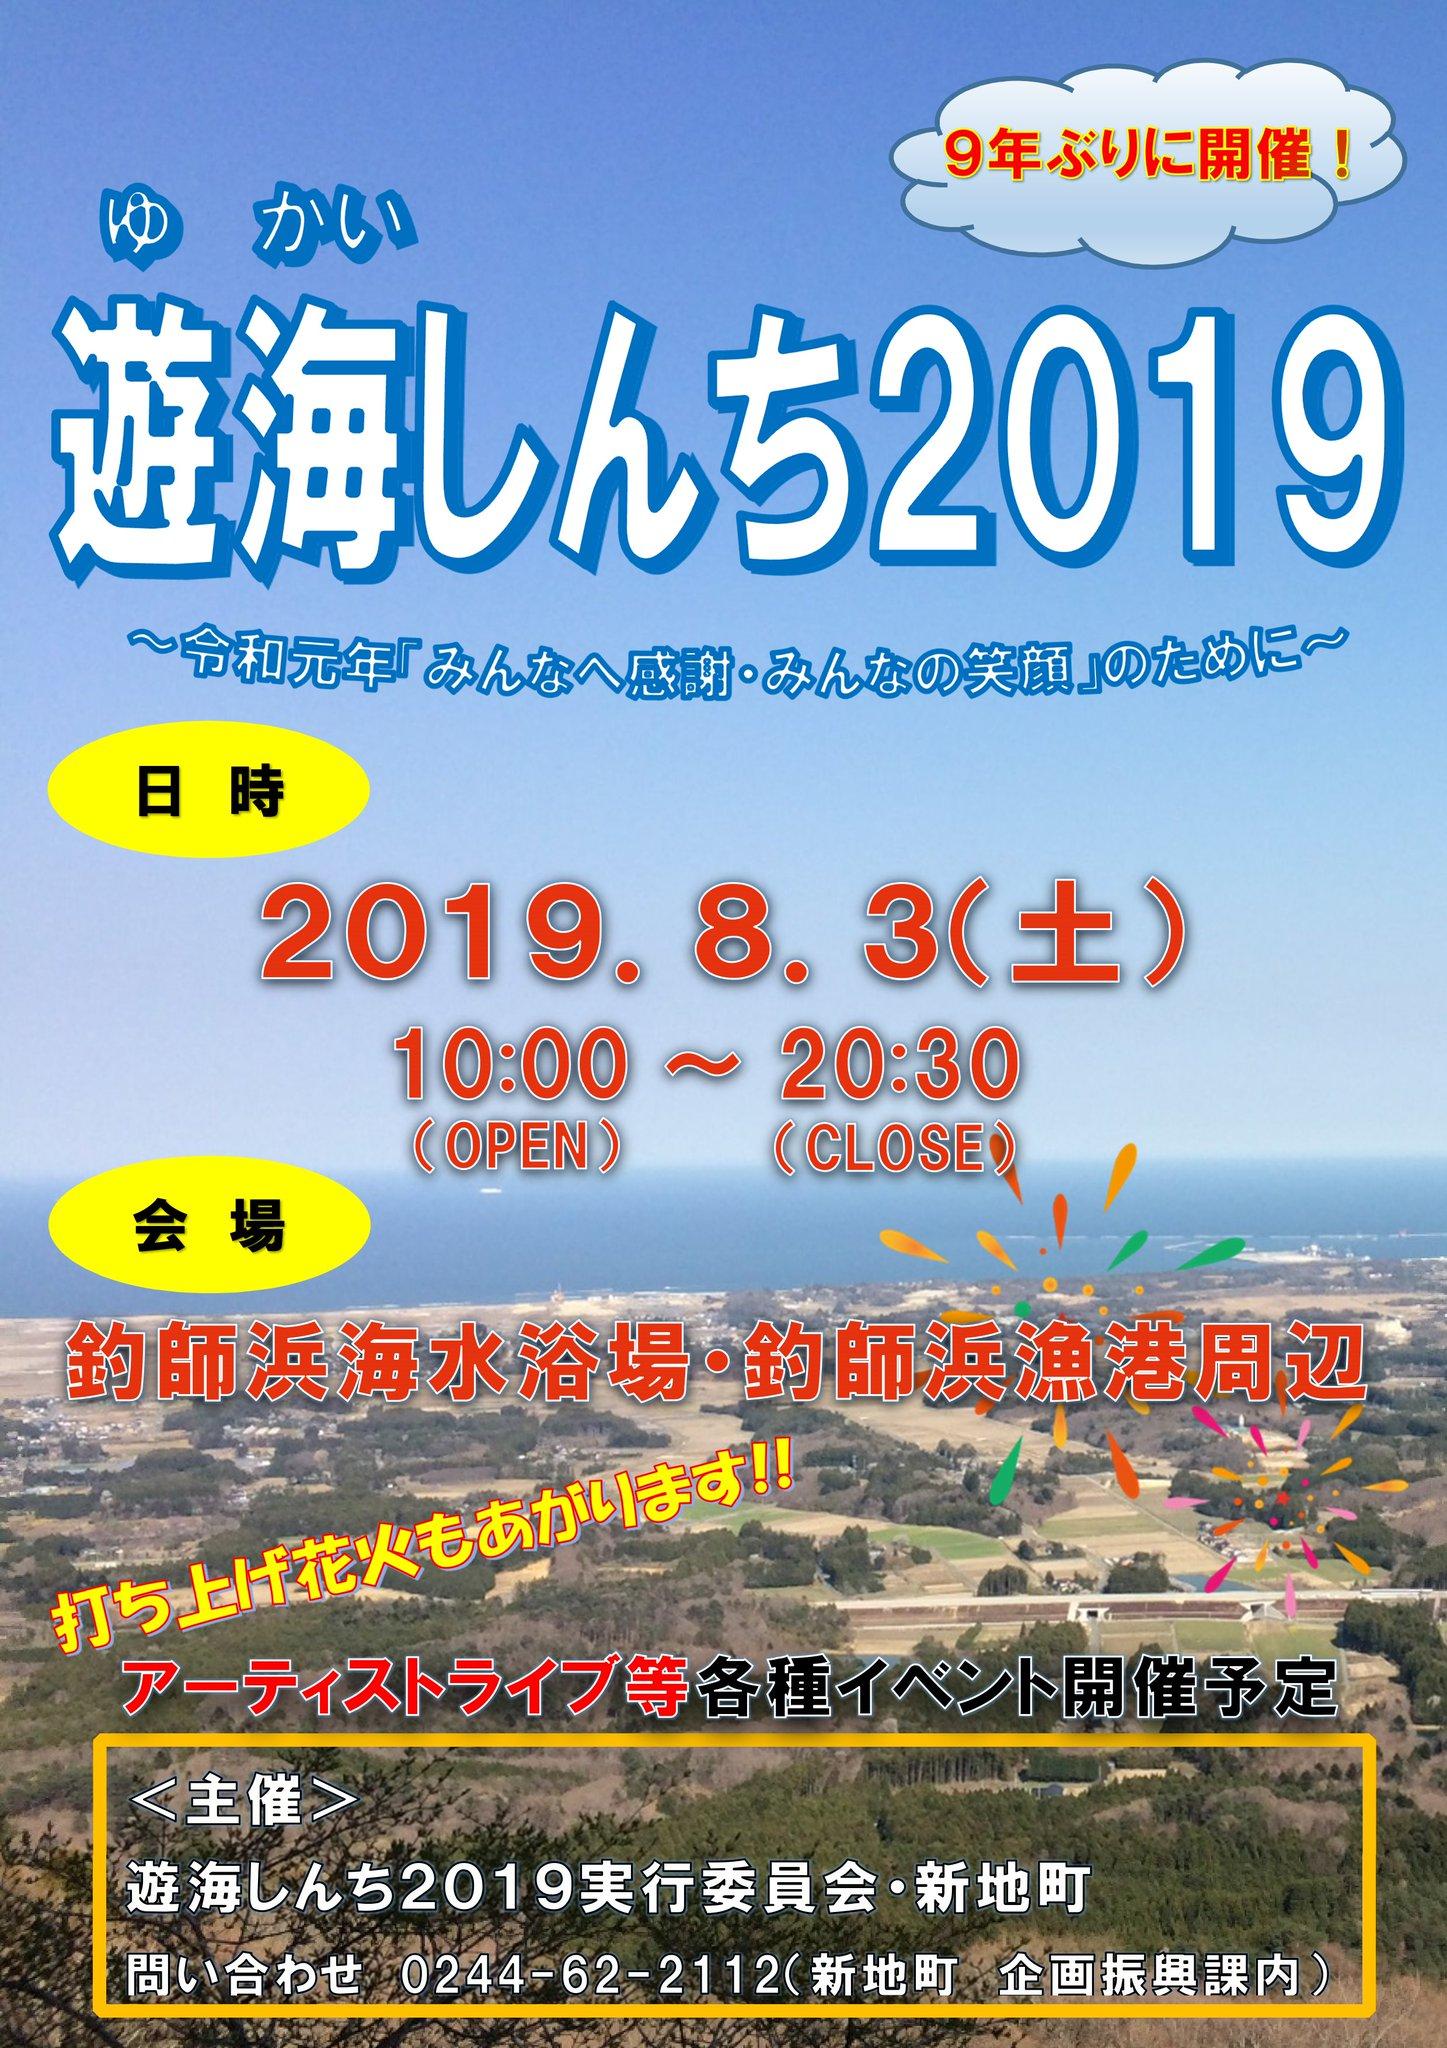 2019.8.3遊海しんち2019